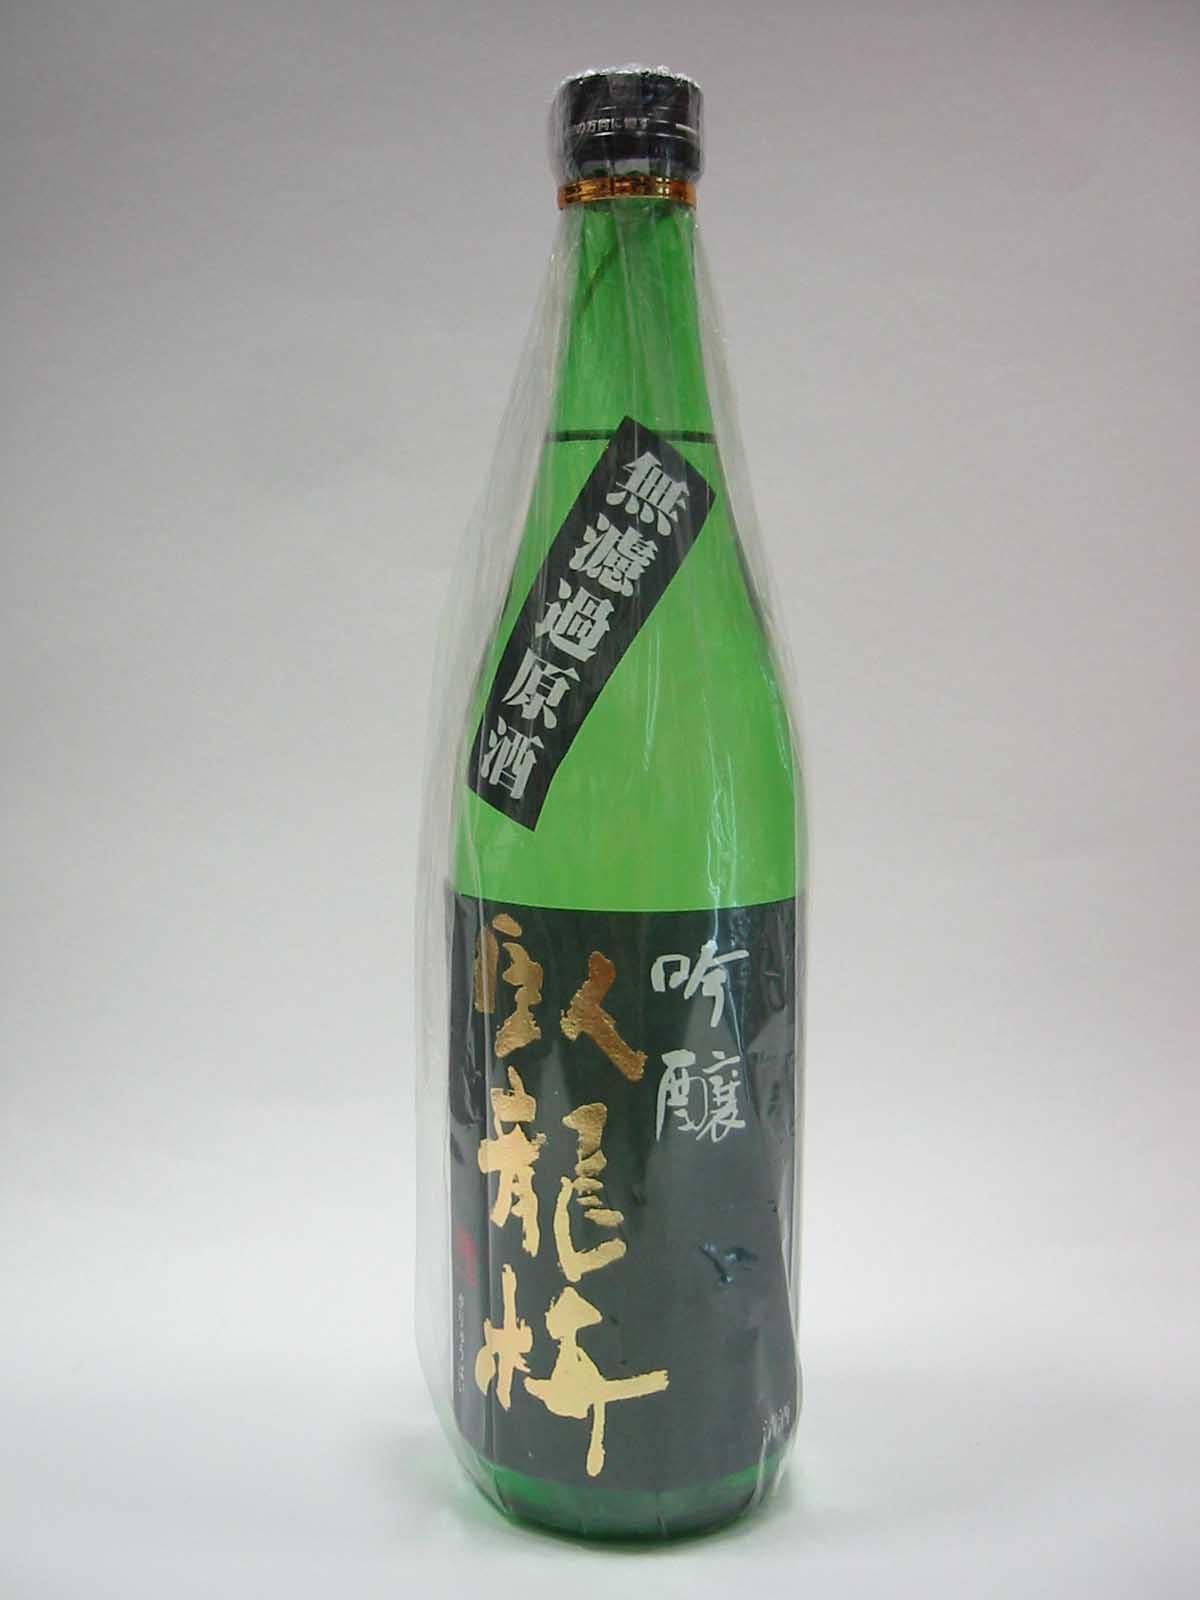 臥龍梅 吟醸55 無濾過生貯原酒 720ml